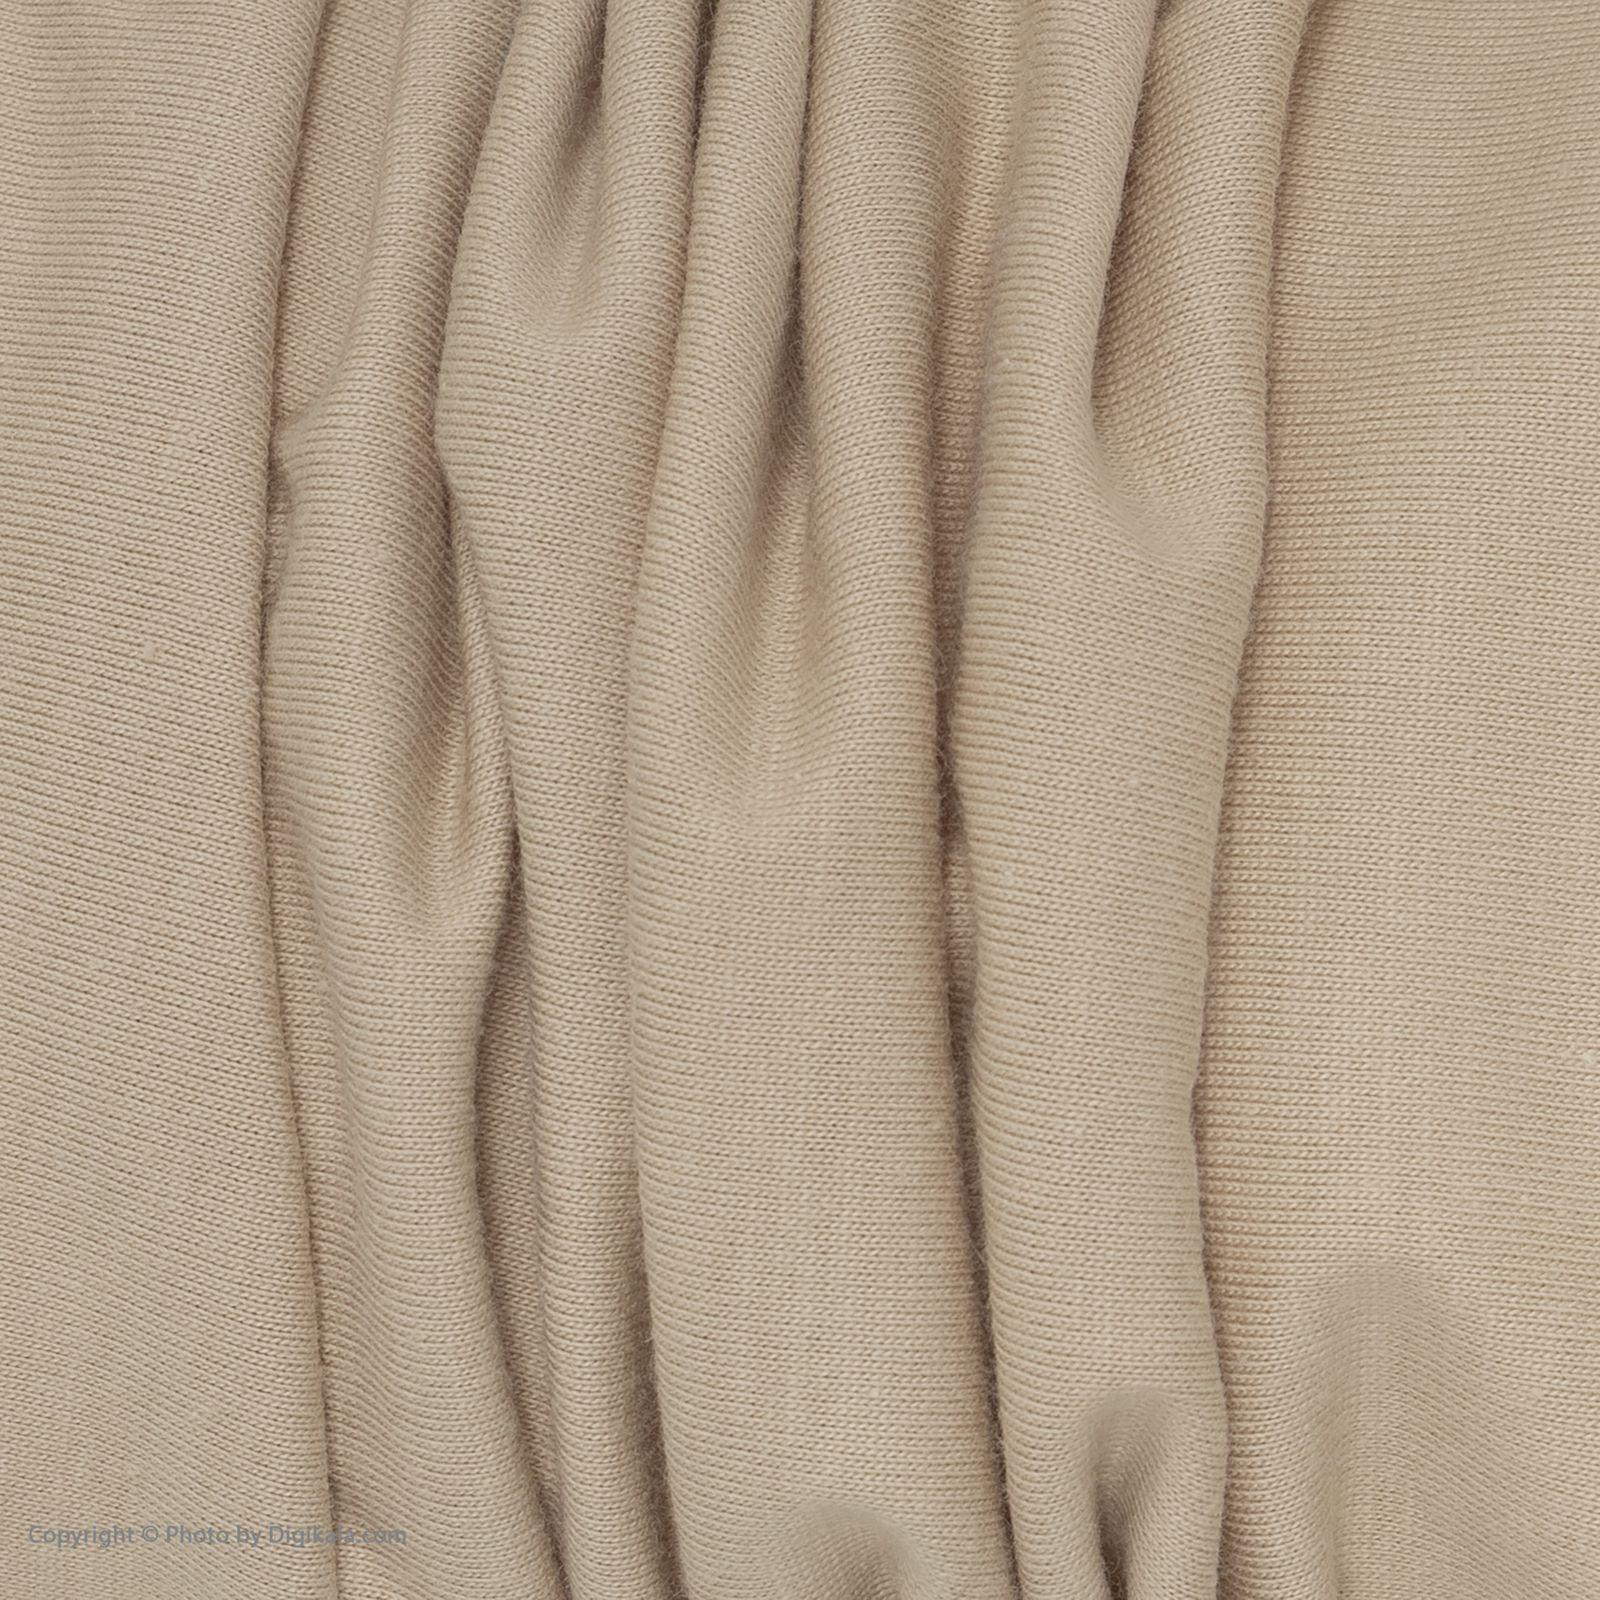 ست تی شرت و شلوارک راحتی مردانه مادر مدل 2041106-07 -  - 12